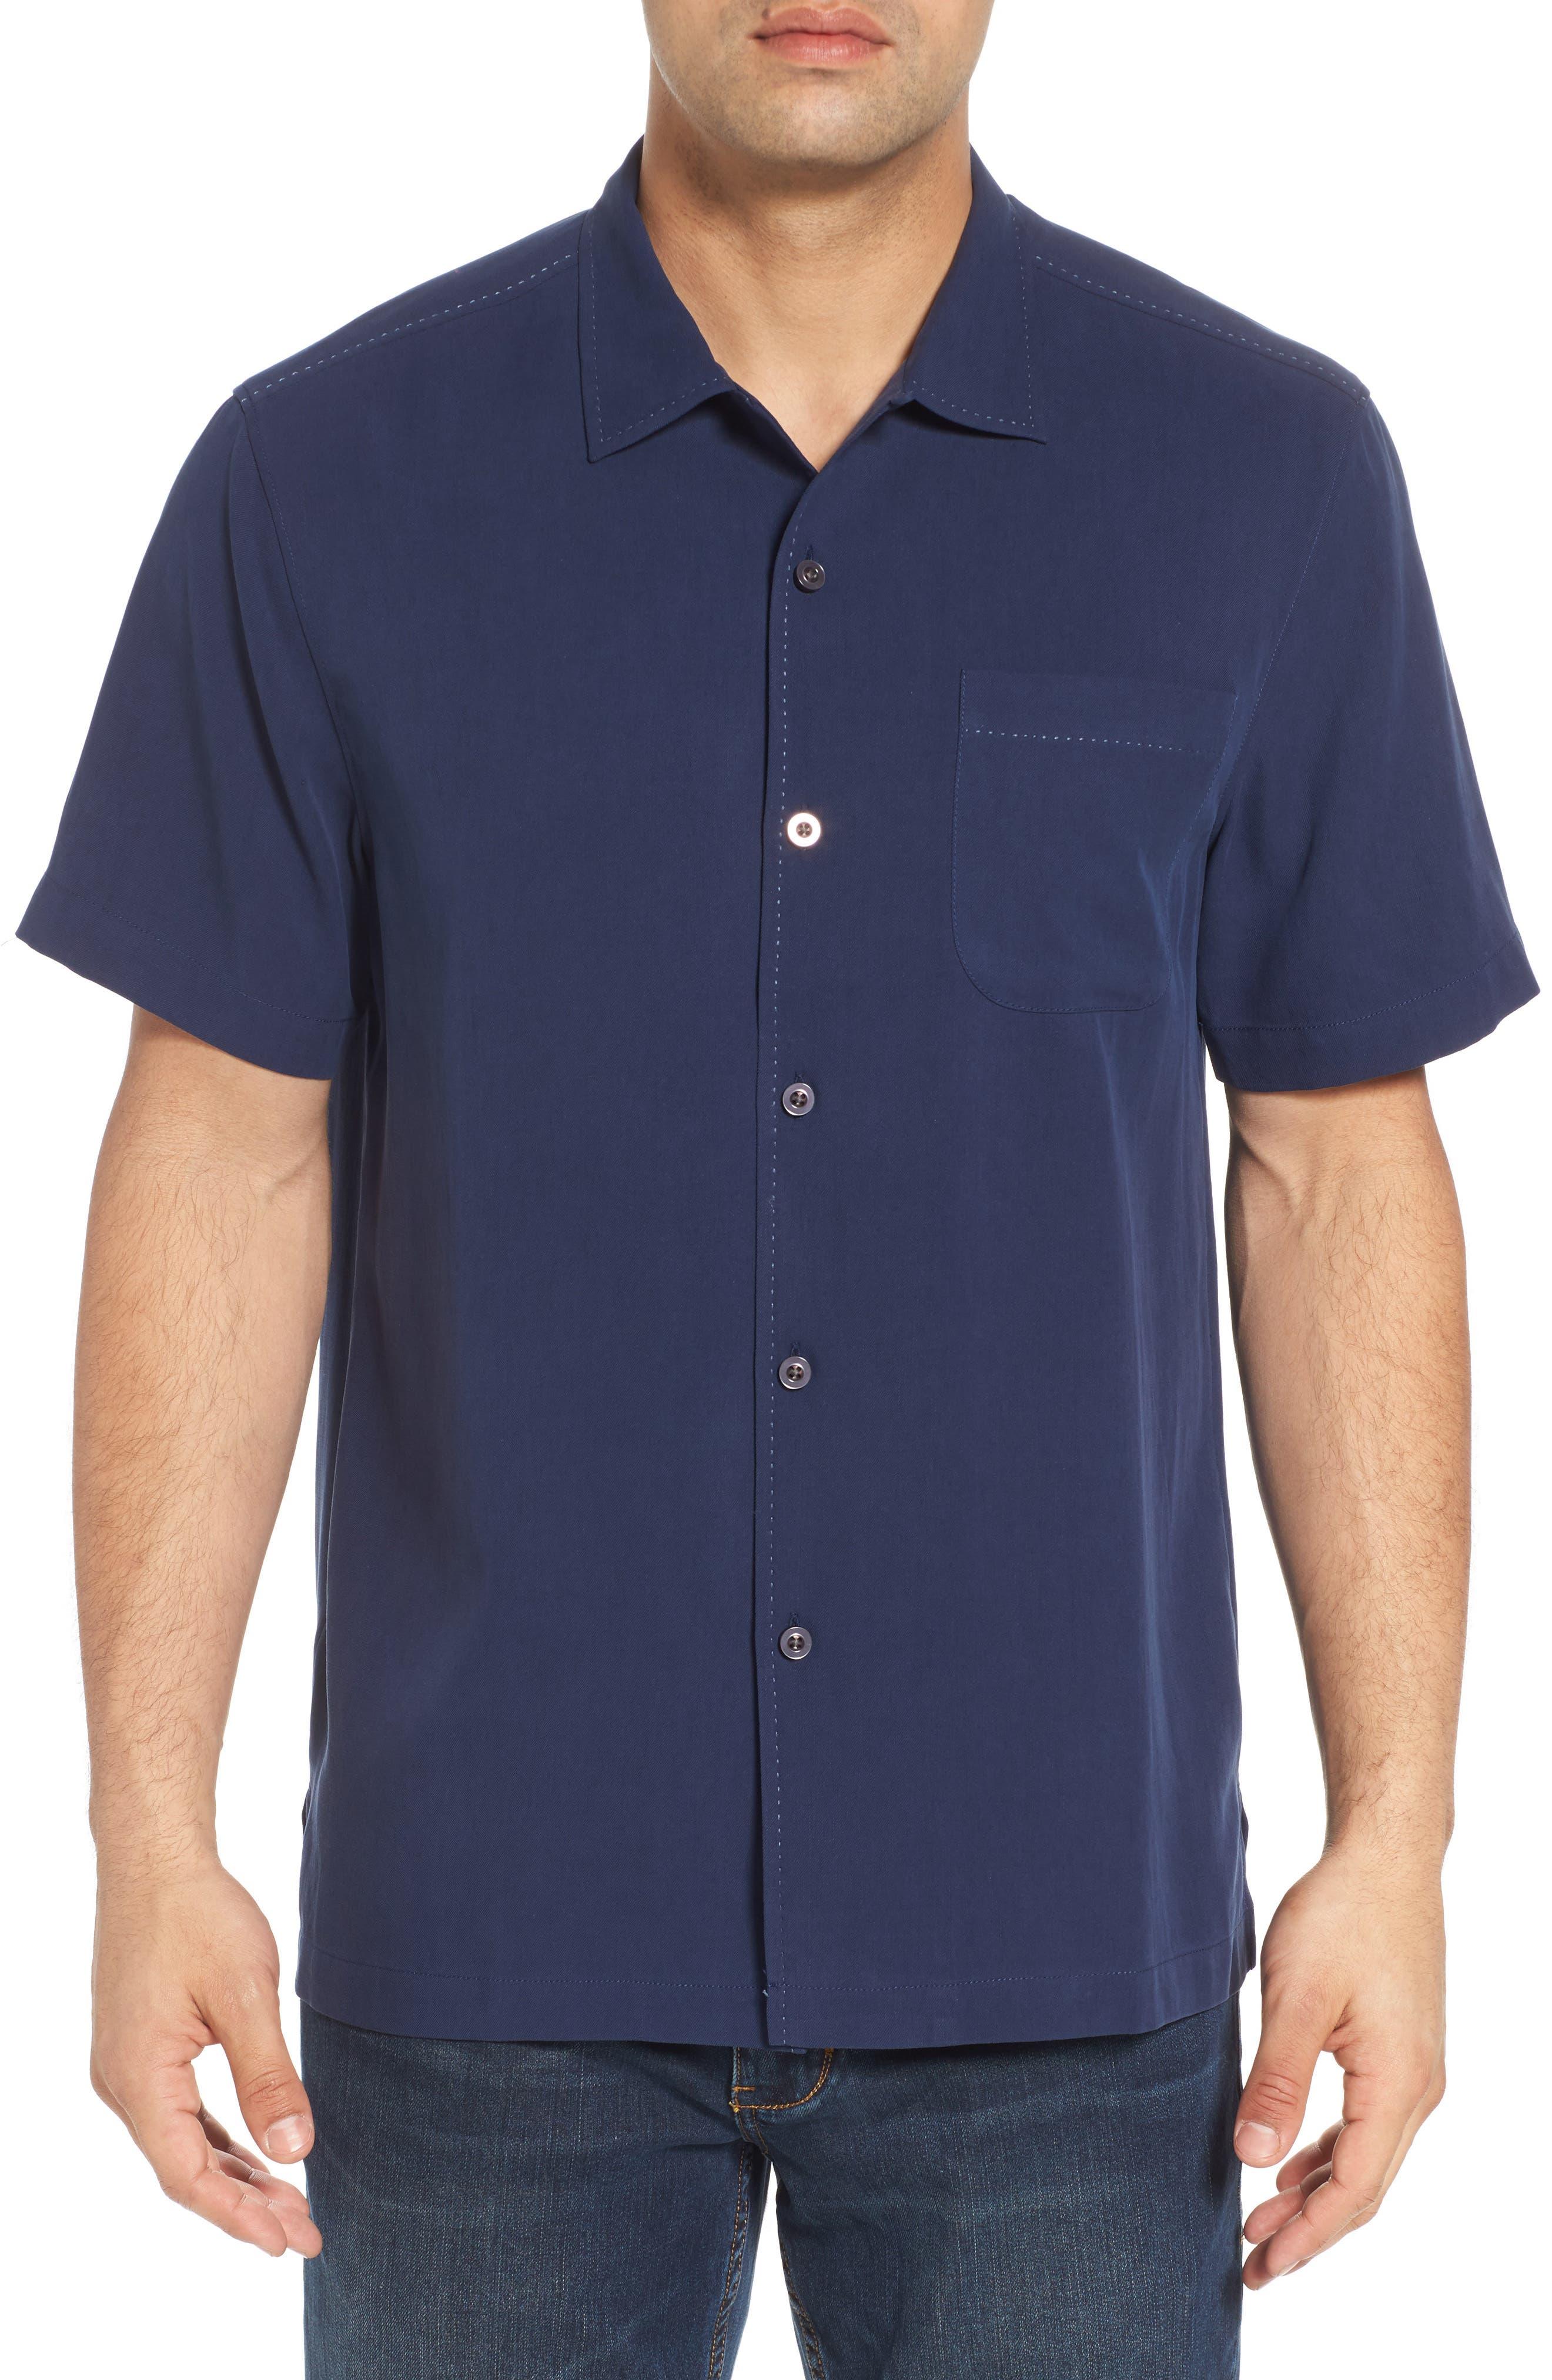 Catalina Silk Camp Shirt,                             Main thumbnail 1, color,                             NAVY